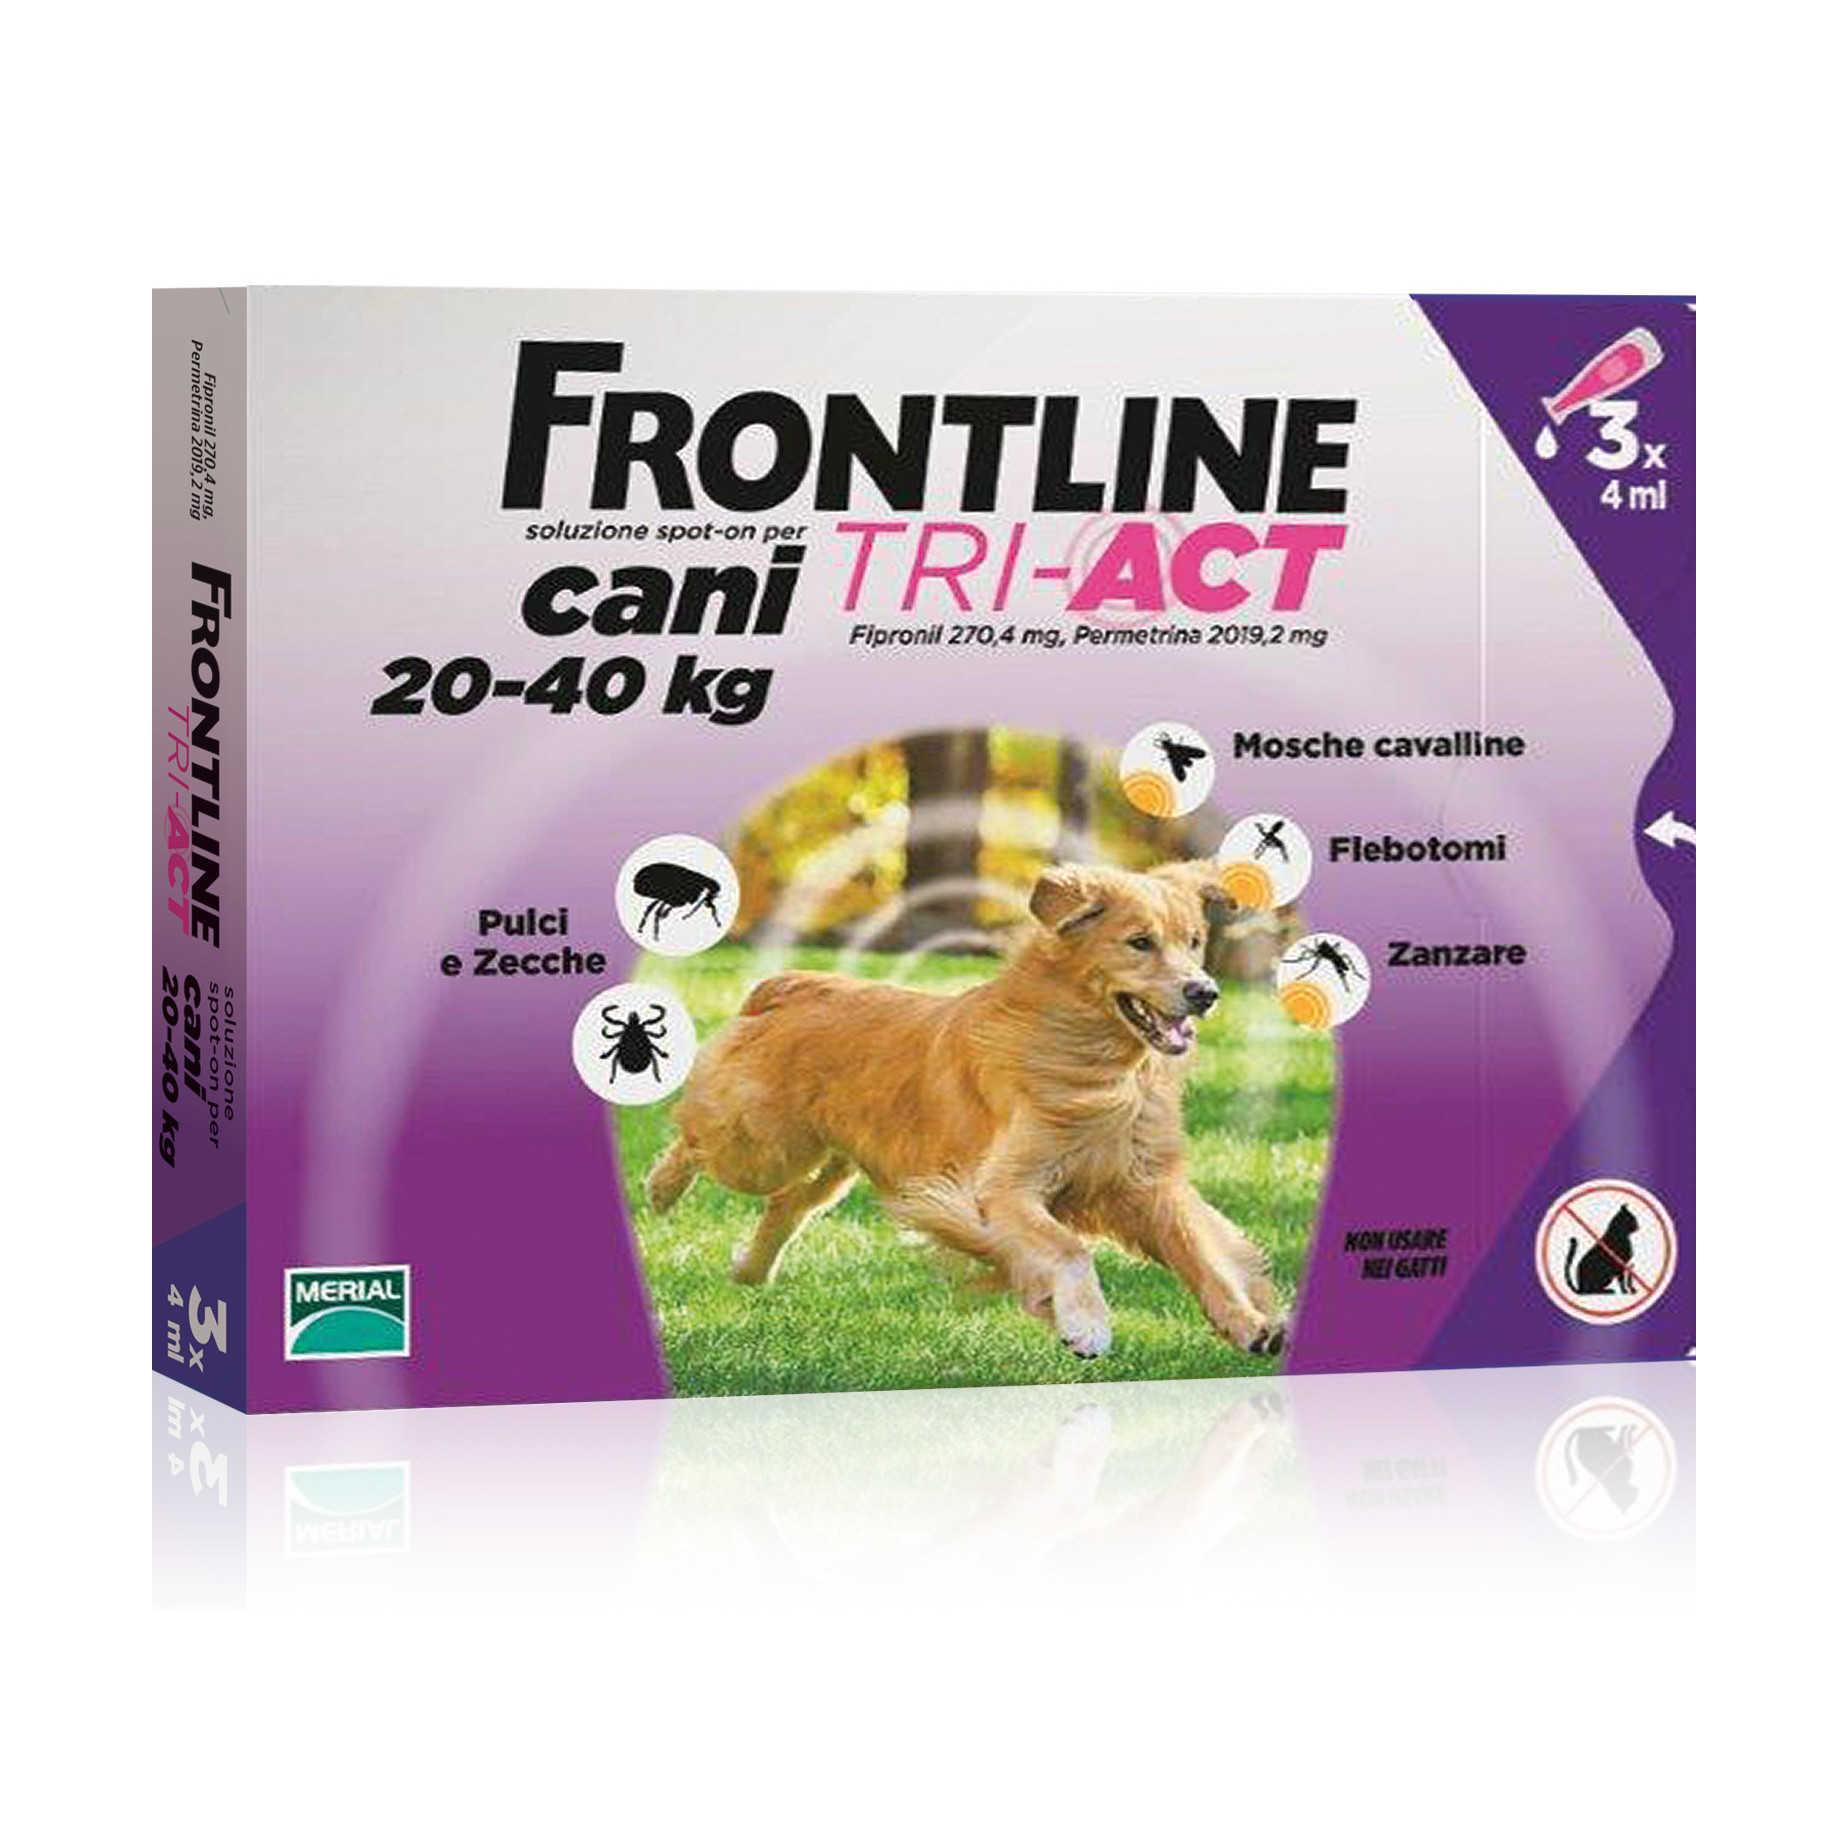 Frontline Combo - Tri Act - Soluzione Antipulci - Cani 20-40 kg